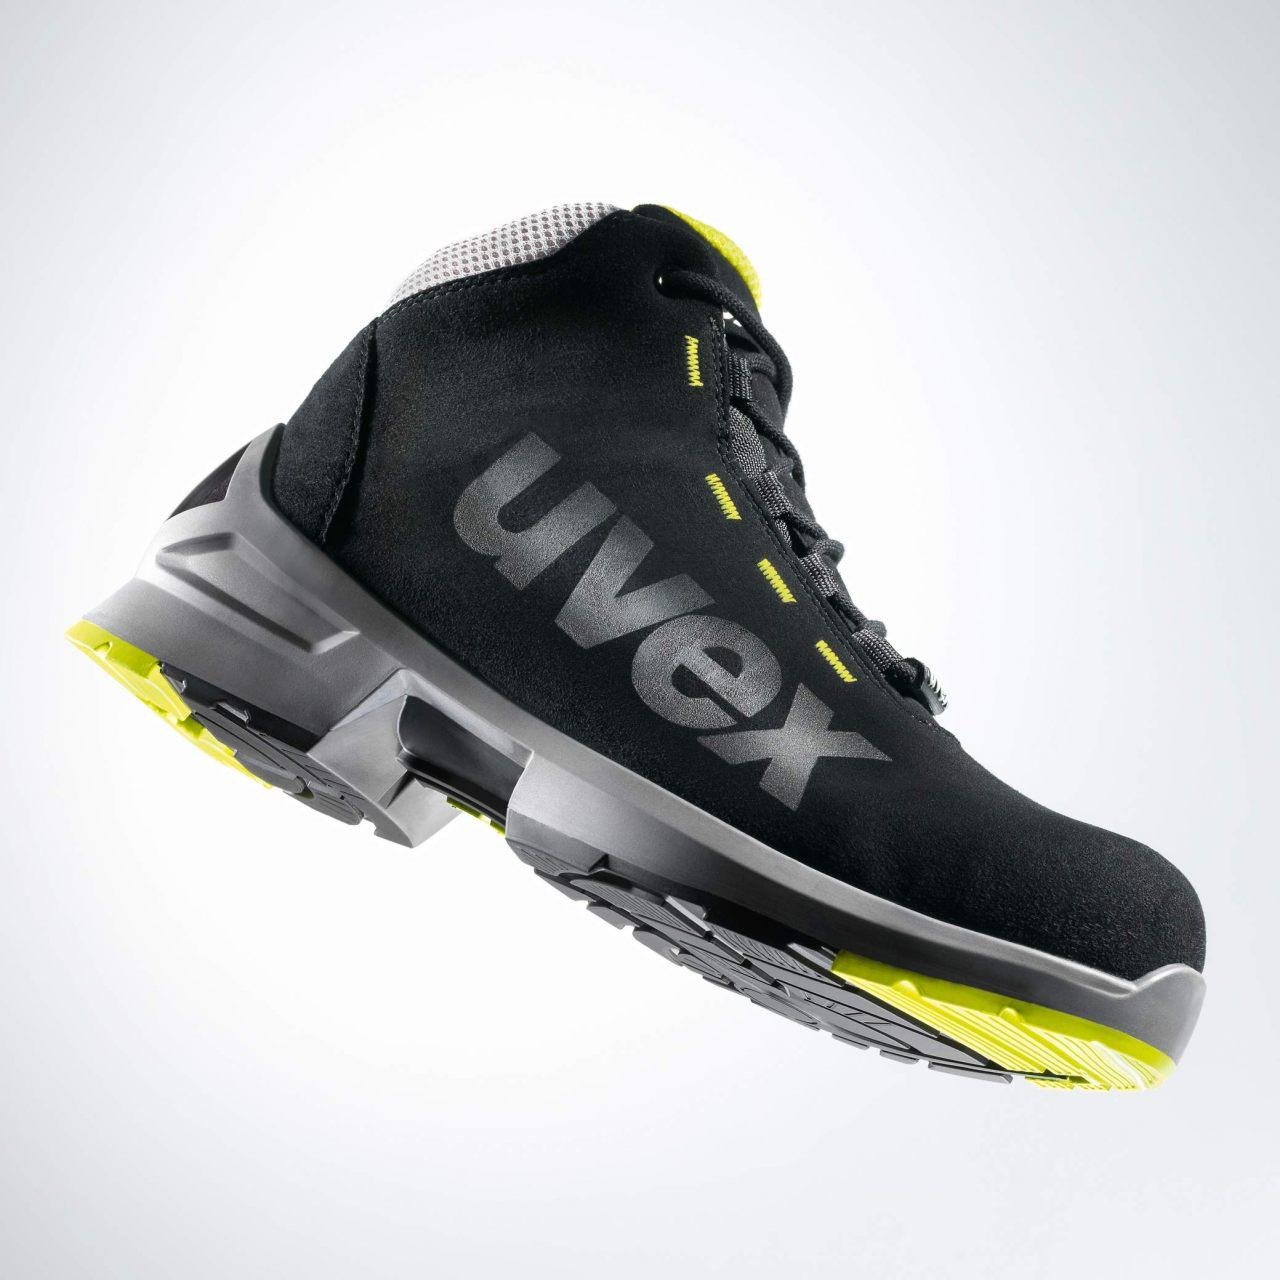 Pracovnú obuv značky UVEX si obľubuje čoraz viac ľudí. Prečo?